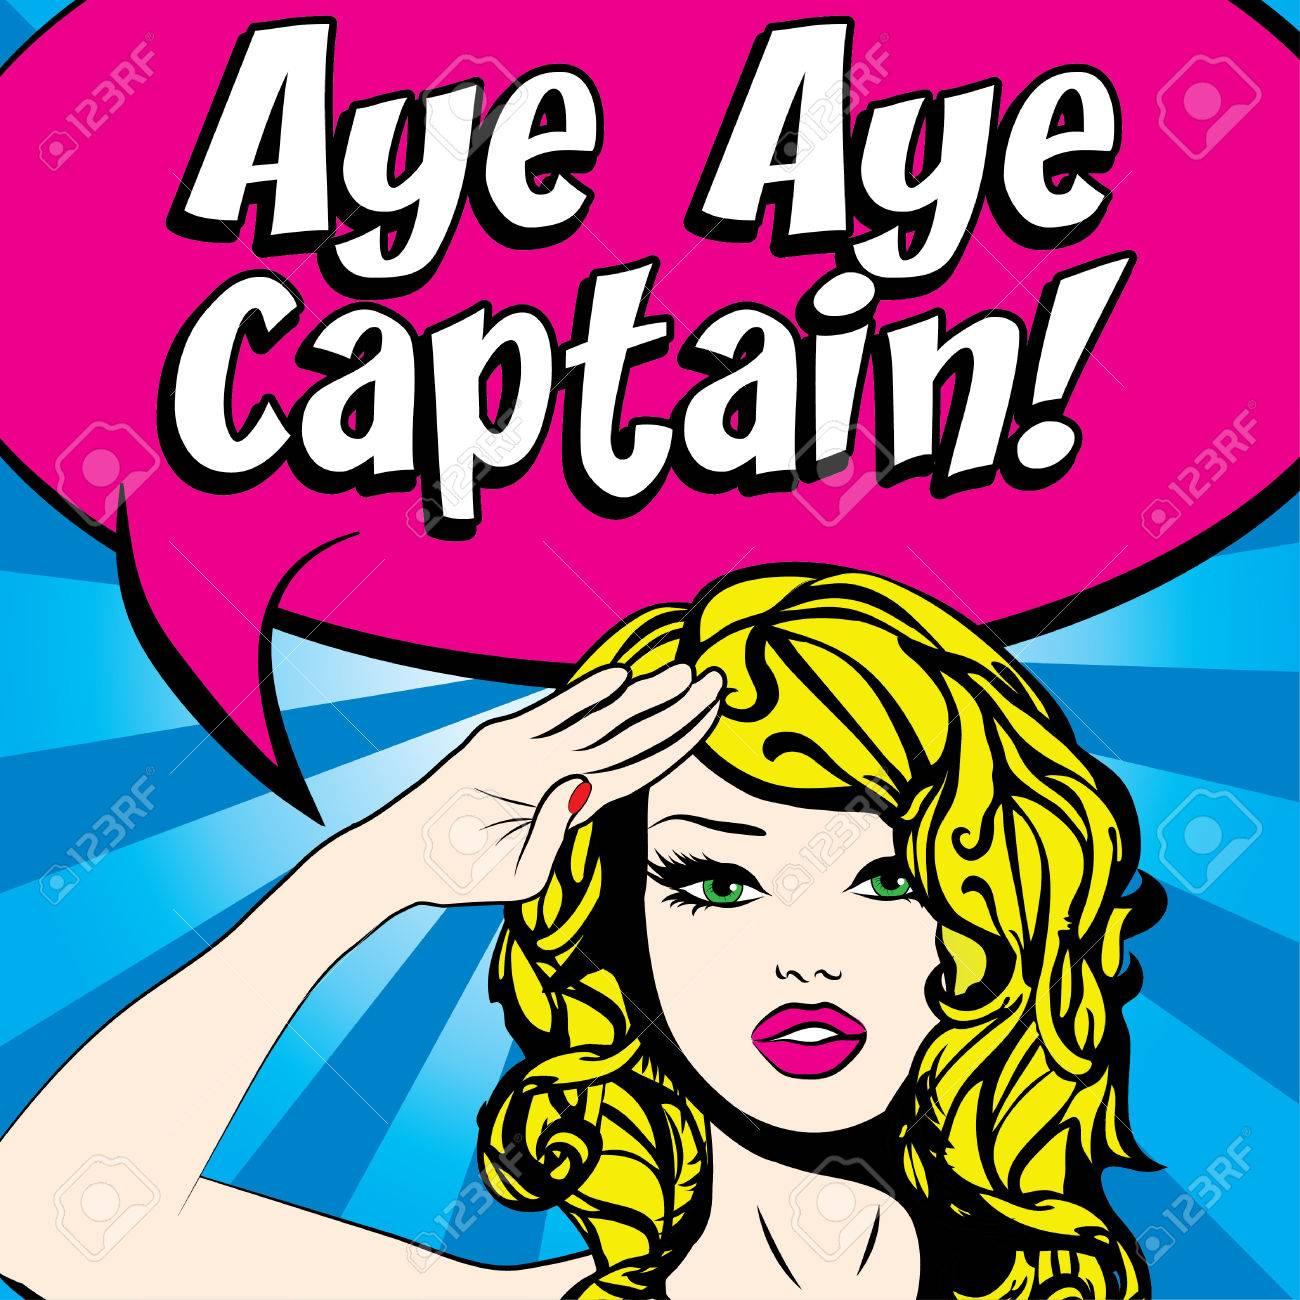 ay captain Postcard ay